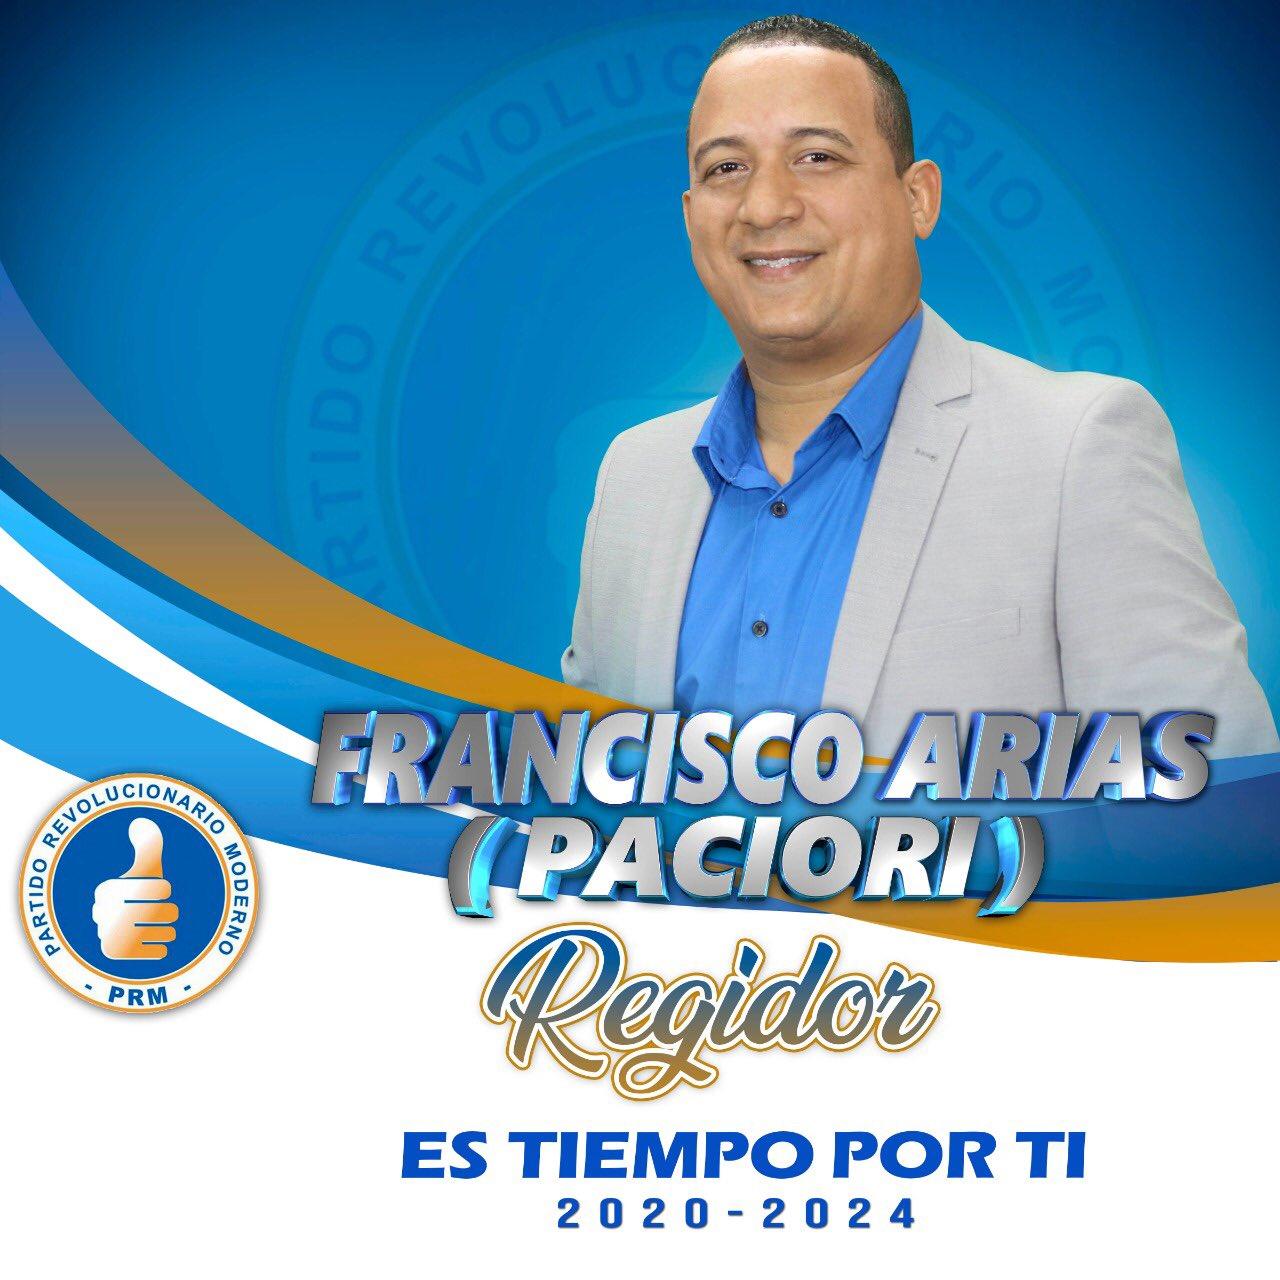 PACIORI, REGIDOR, ALCALDIA DE BARAHONA 2020-2024